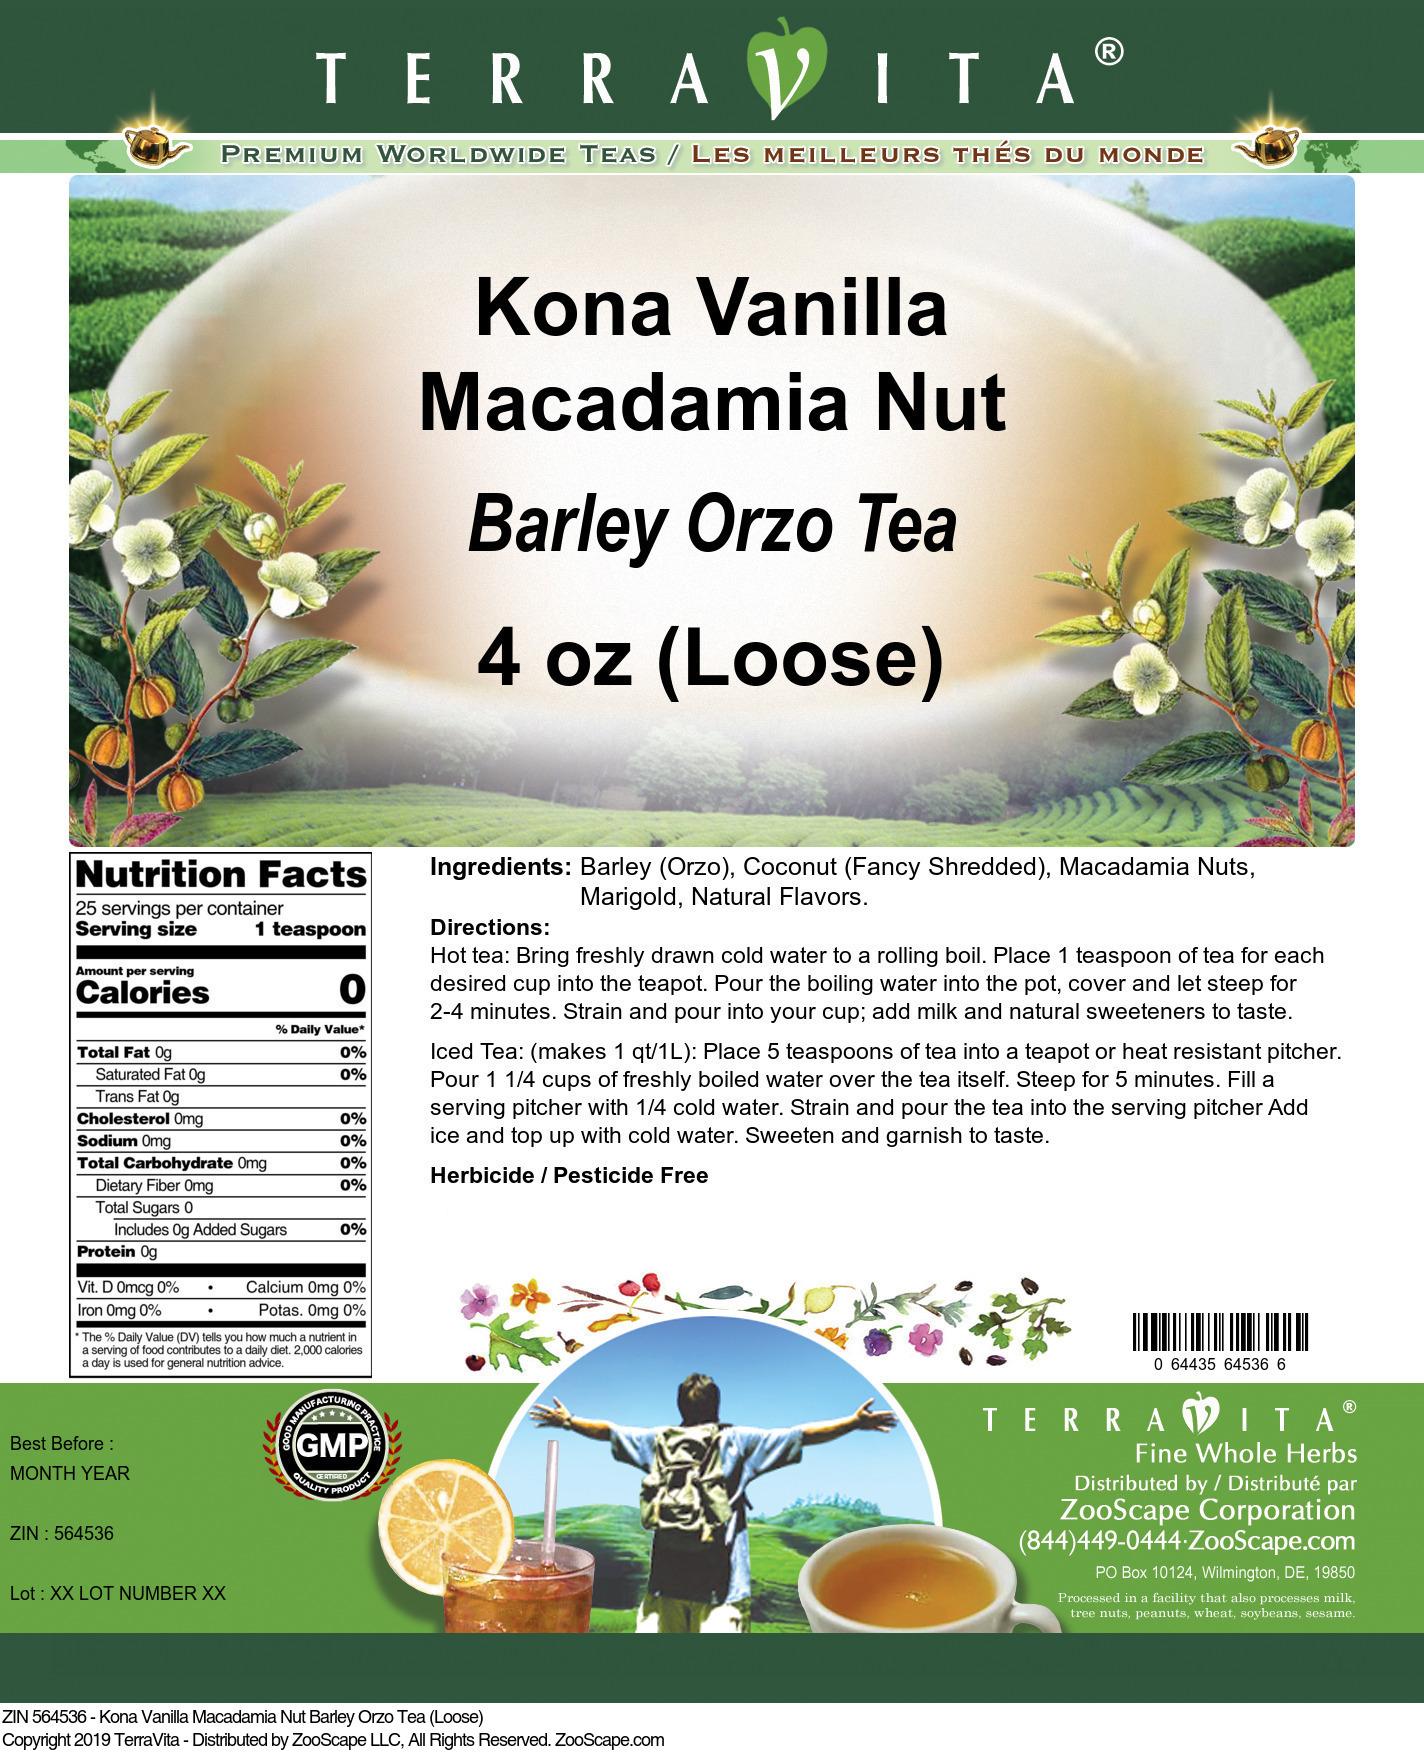 Kona Vanilla Macadamia Nut Barley Orzo Tea (Loose)